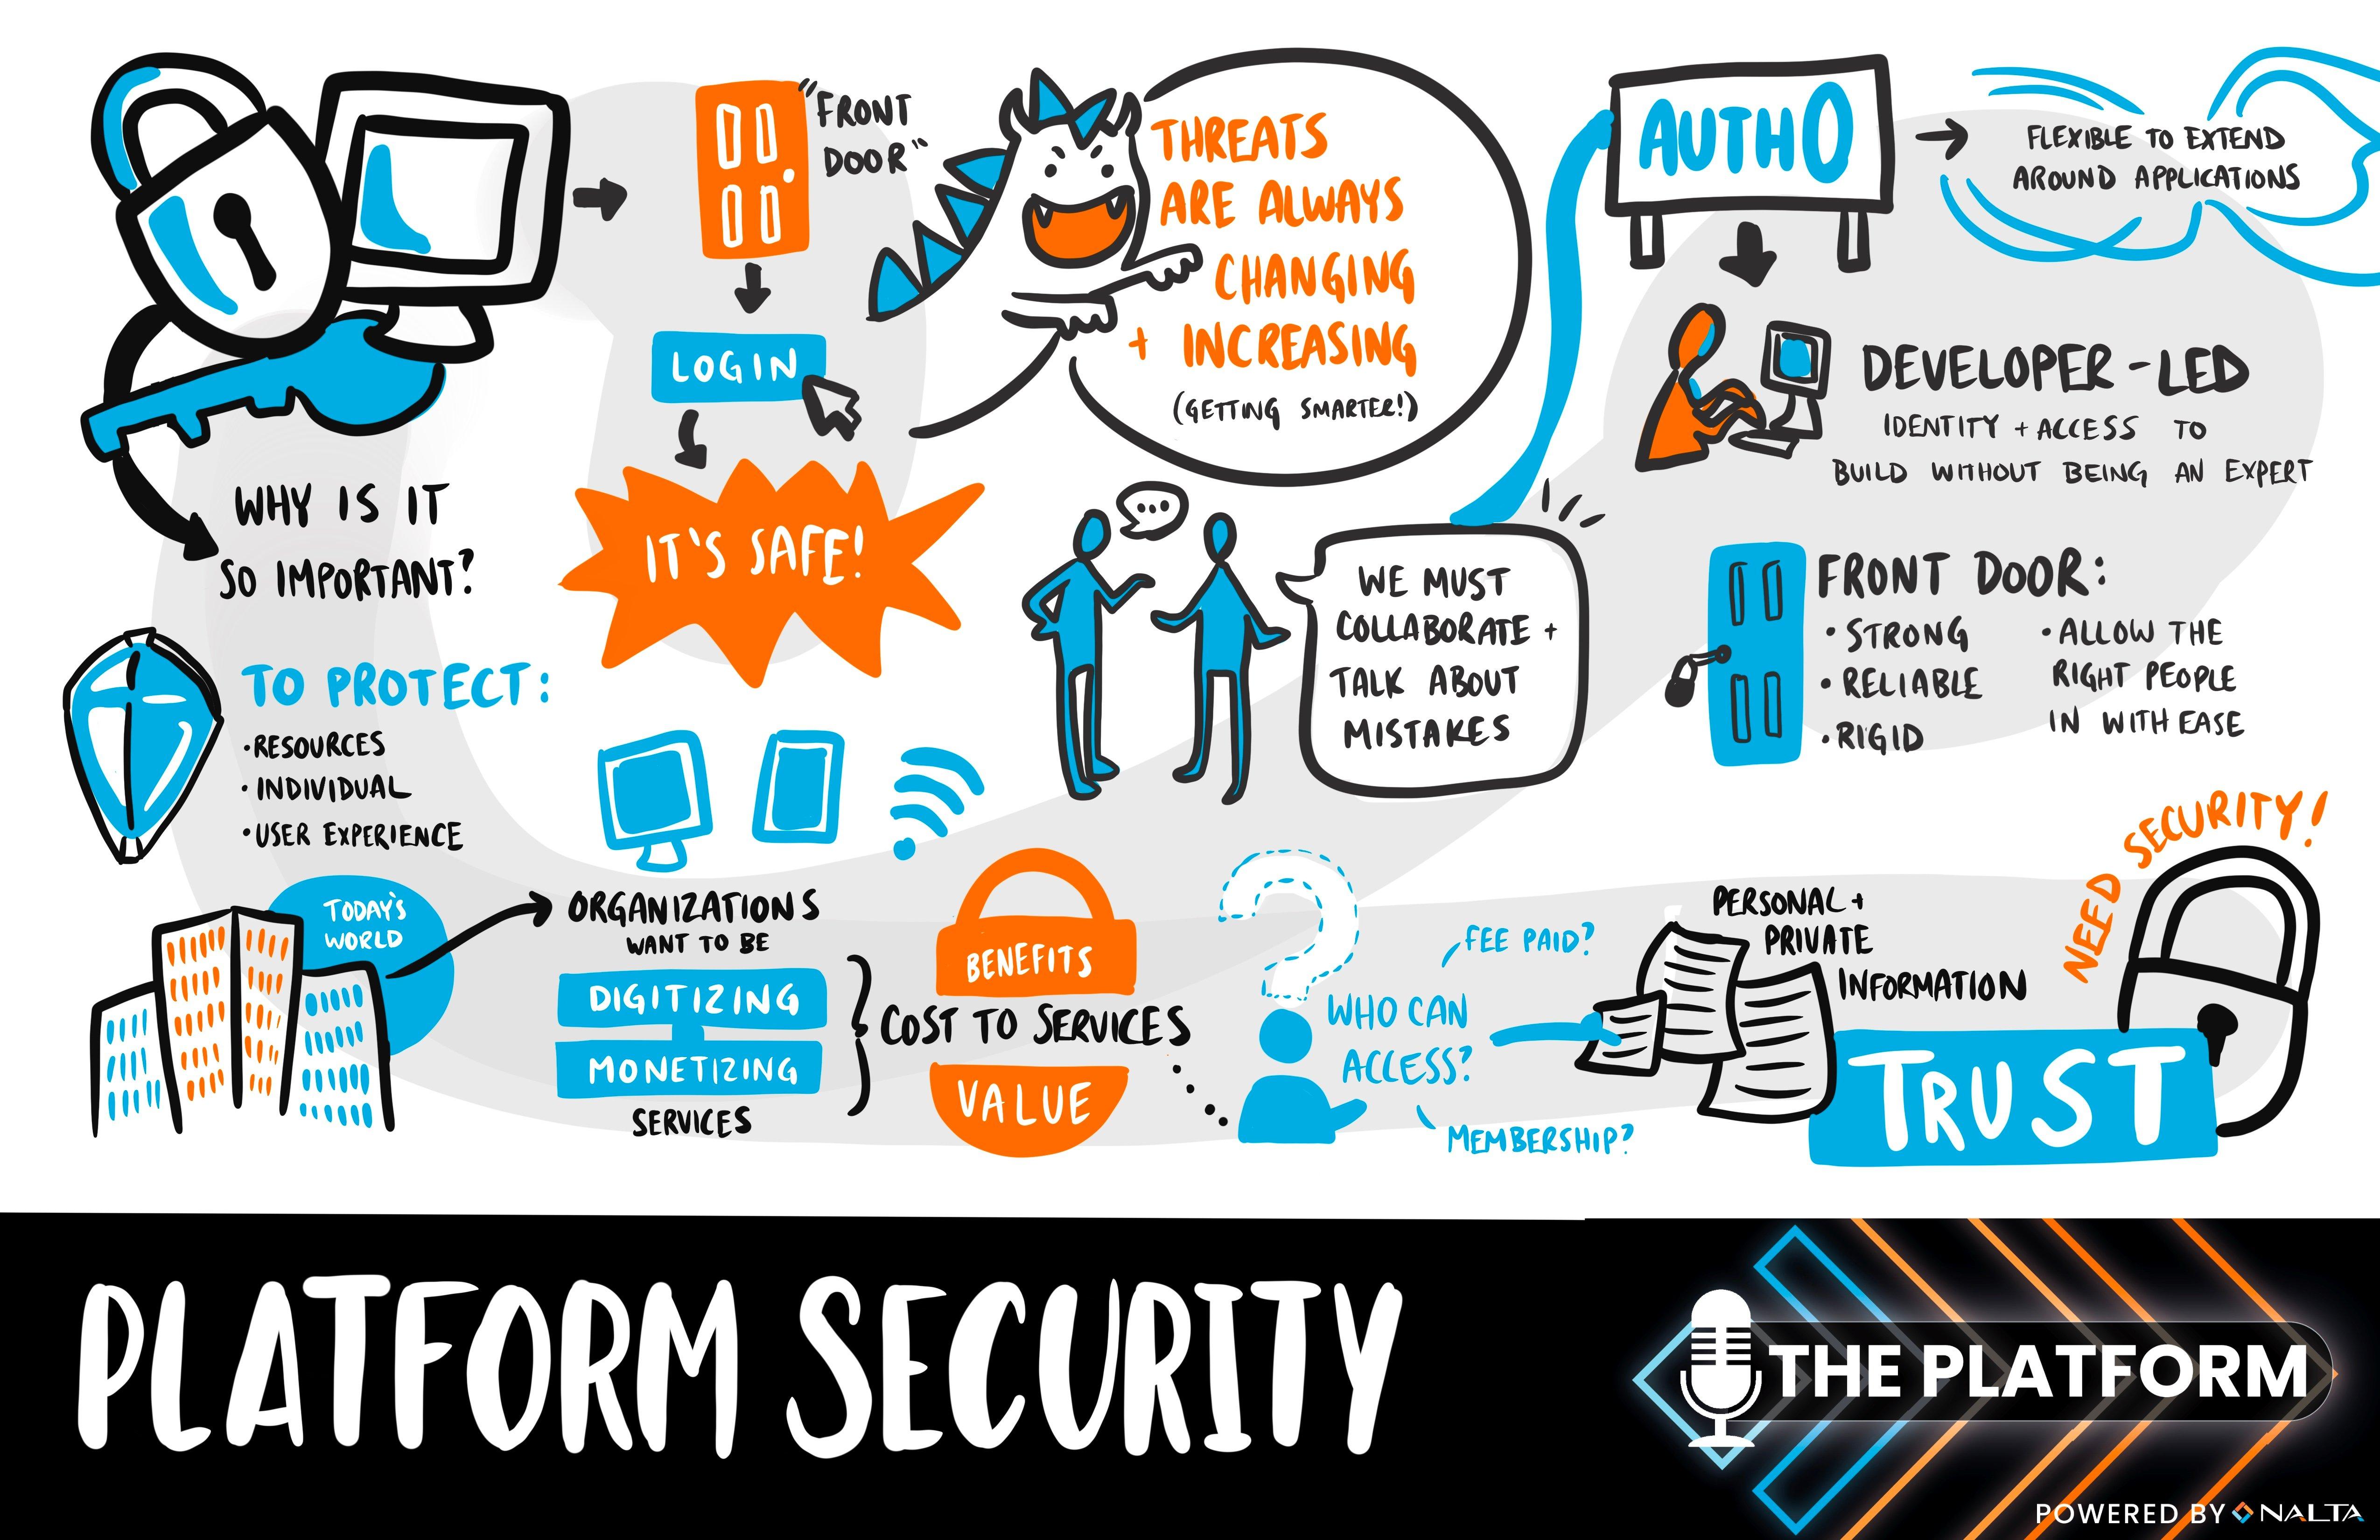 GR The Platform Episode 9 - Platform Security